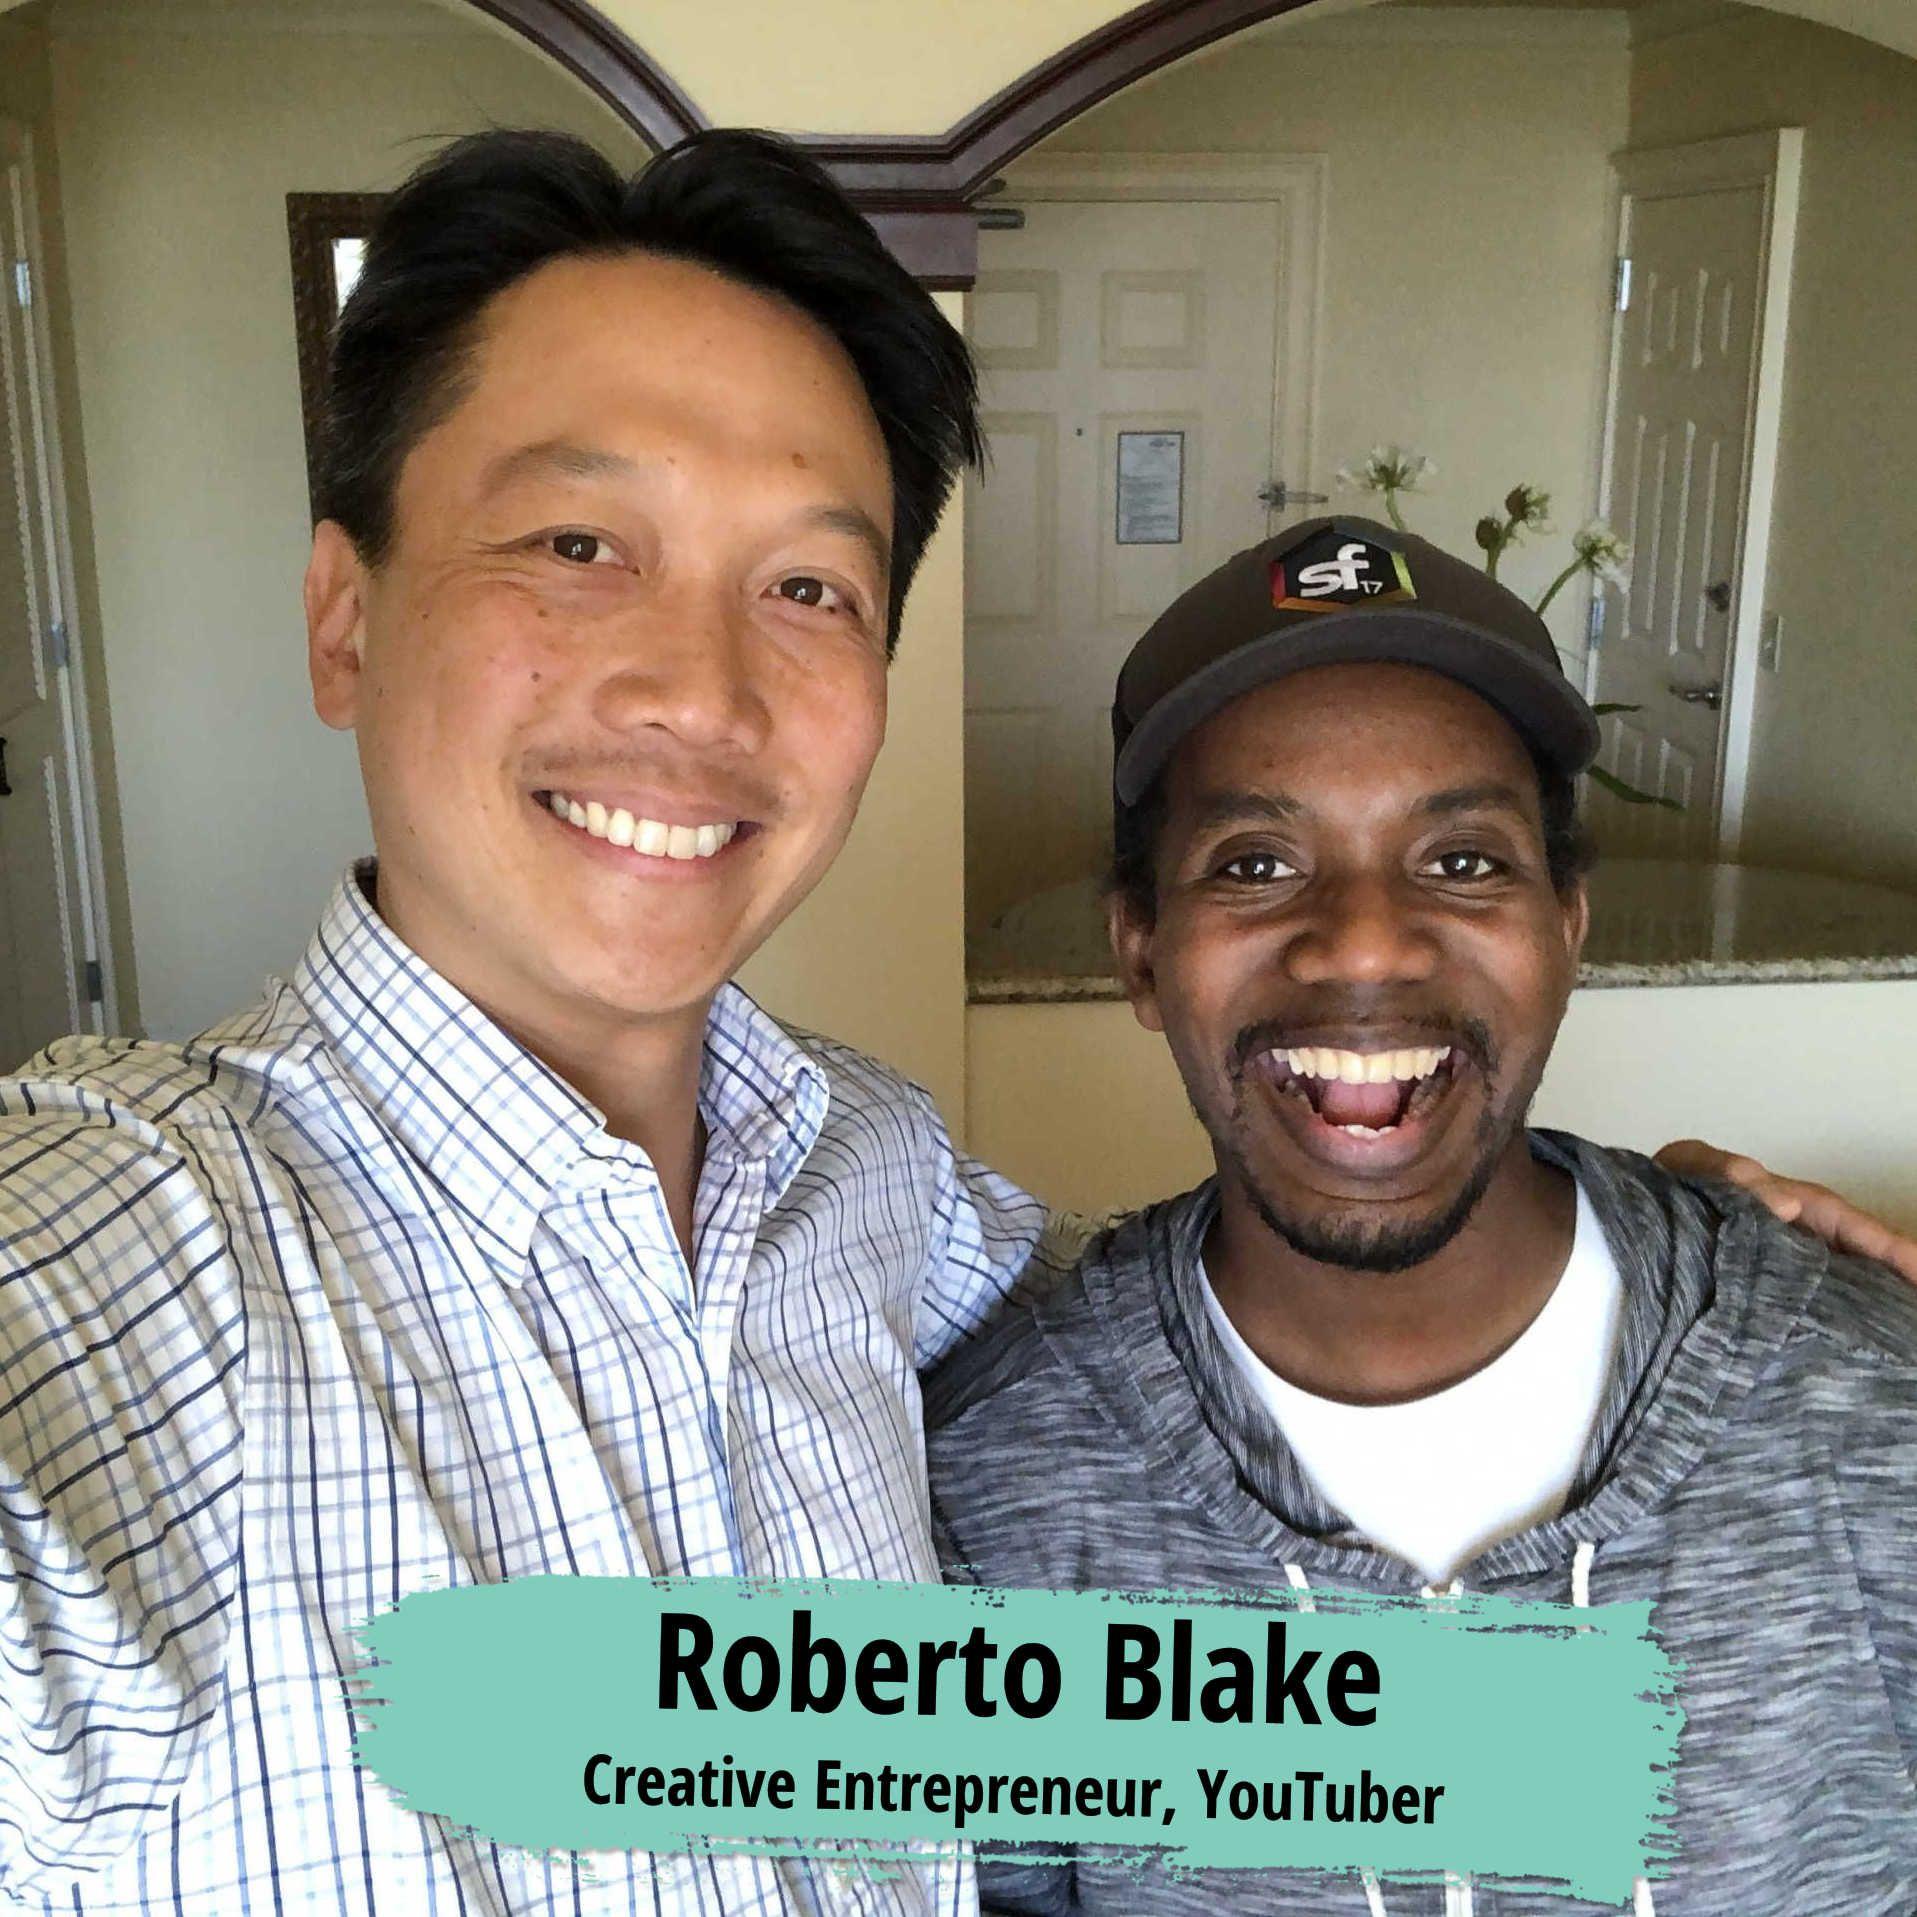 Youtuber Roberto Blake